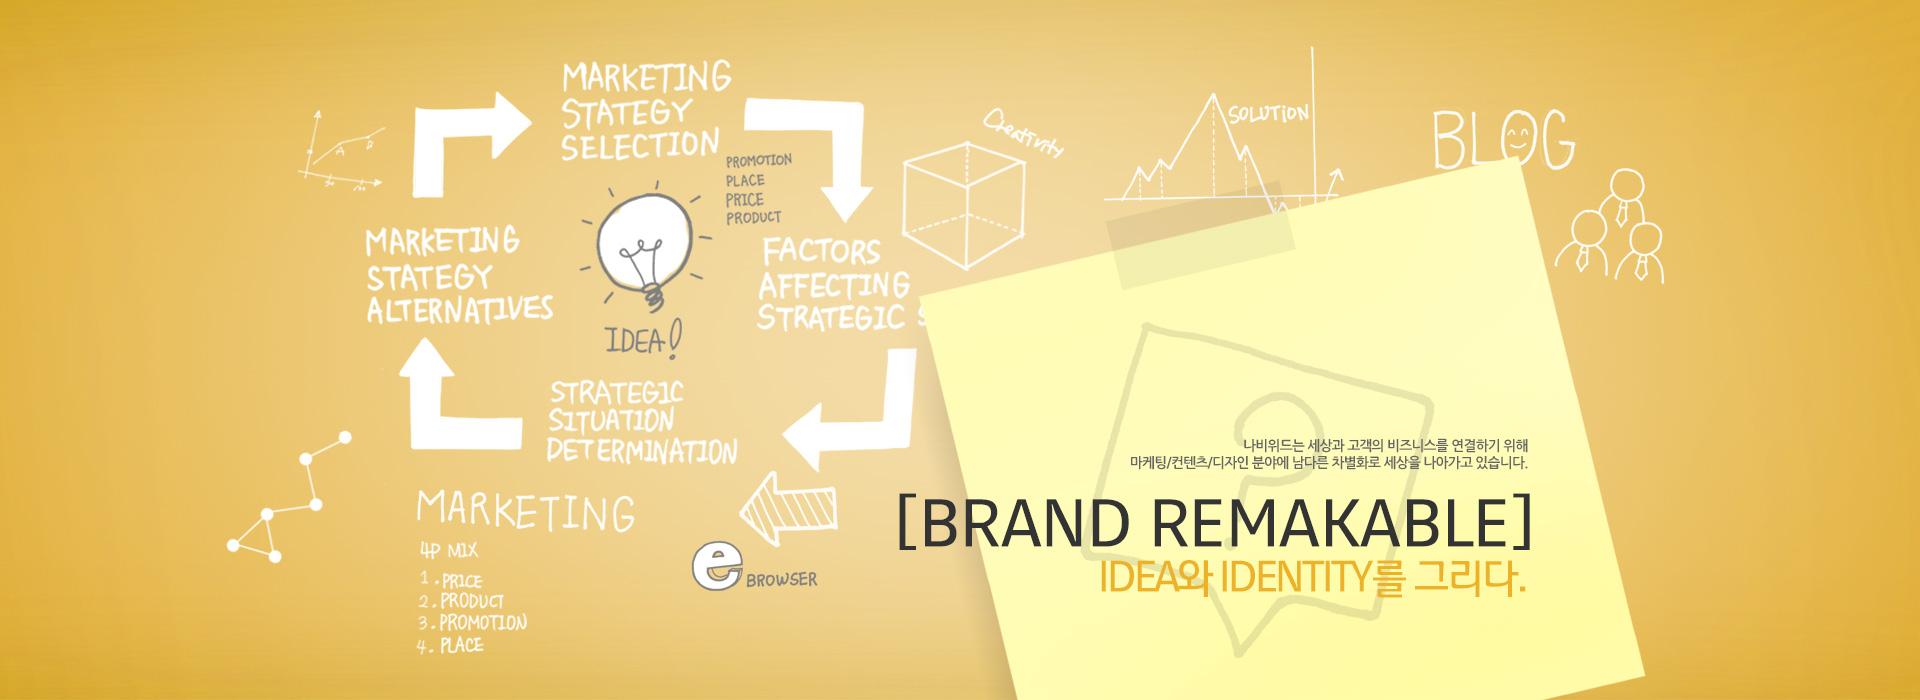 [BRAND REMAKABLE] IDEA와 IDENTITY를 그리다. 나비위드는 세상과 고객의 비즈니스를 연결하기 위해 마케팅/컨텐츠/디자인 분야에 남다른 차별화로 세상을 나아가고 있습니다.